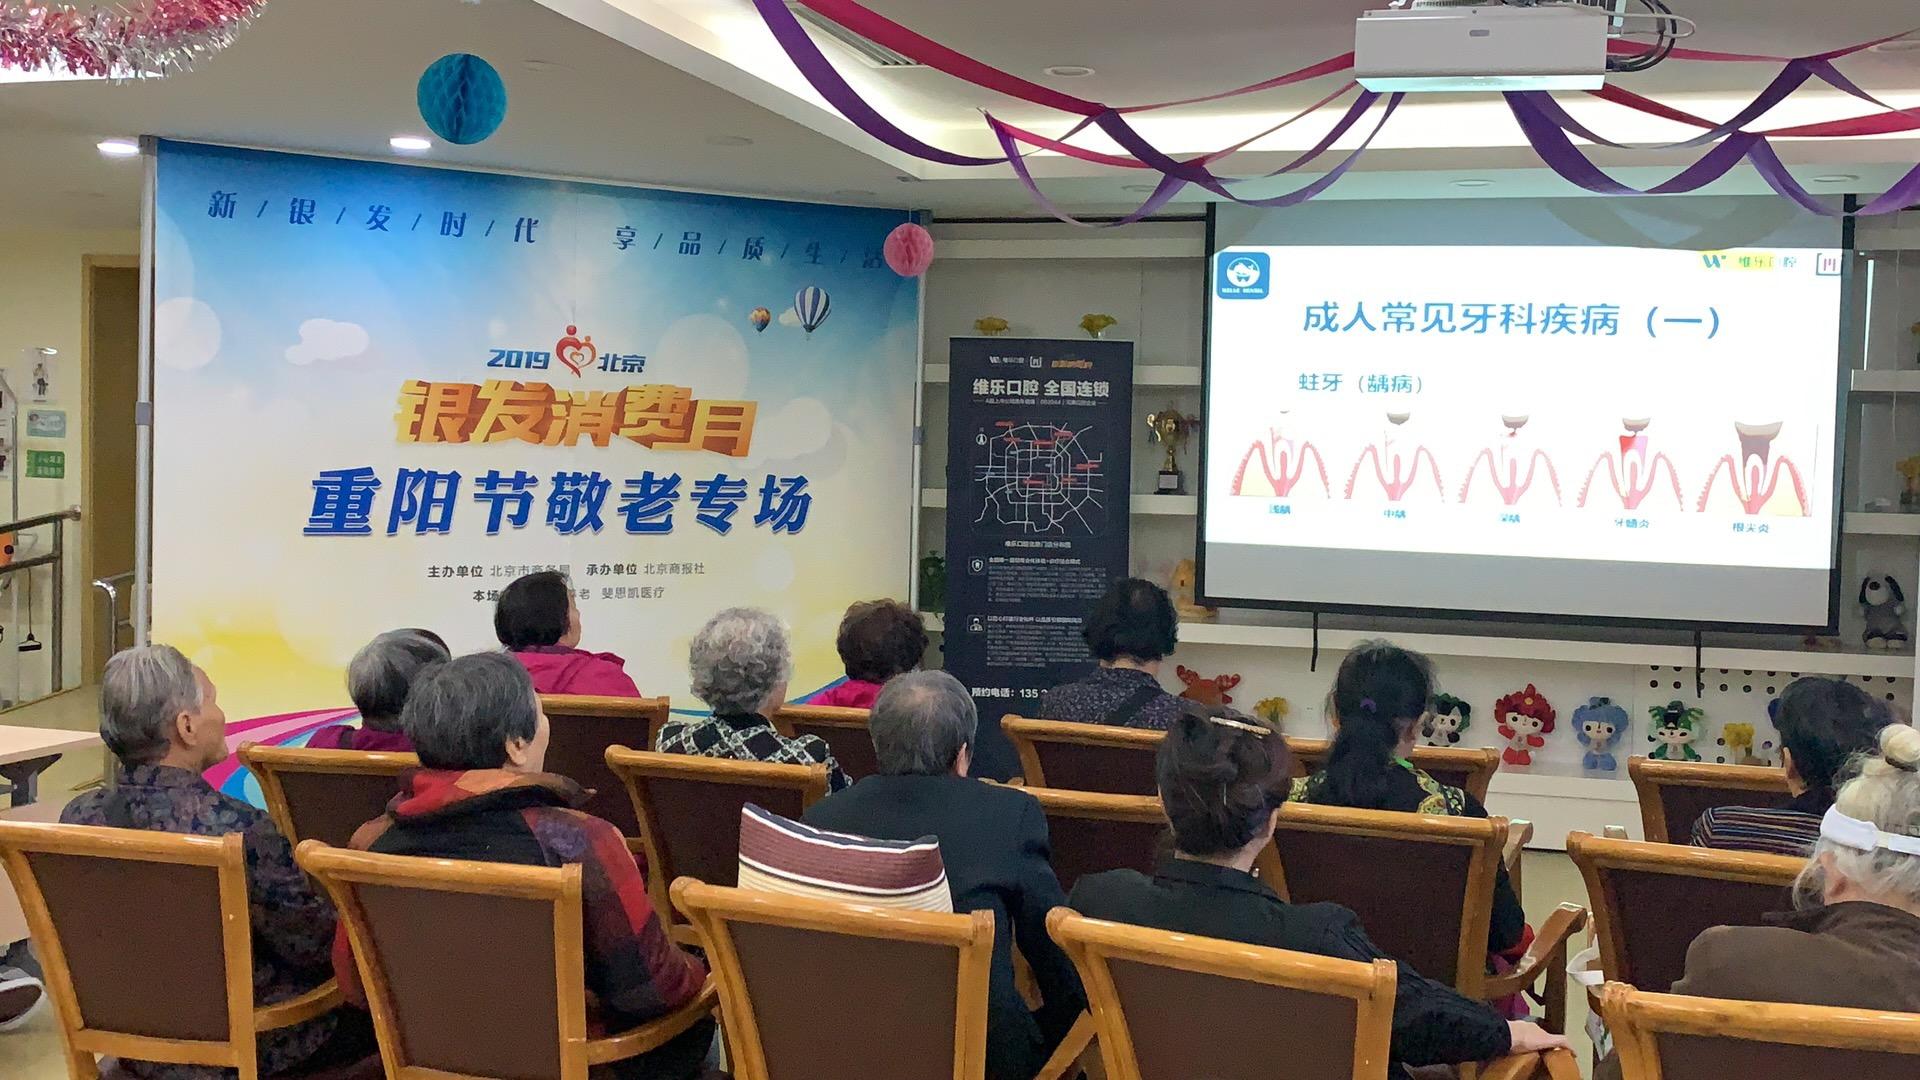 北京启动银发消费月,健康检查、优惠促销就在家门口